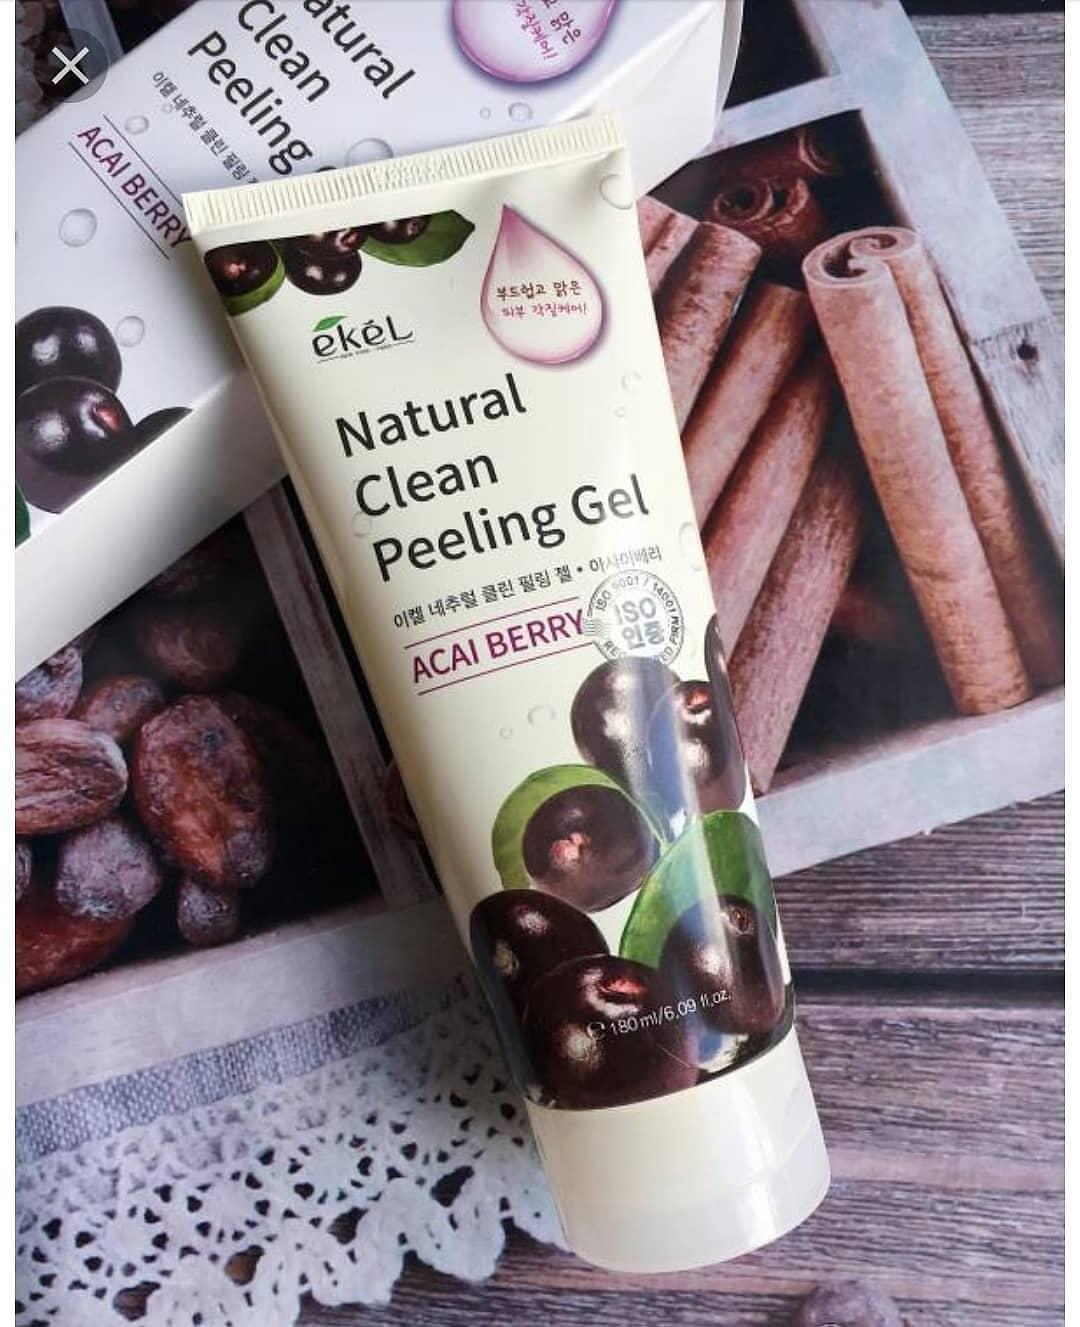 Ekel Natural Clean Peeling Gel Acal Berry